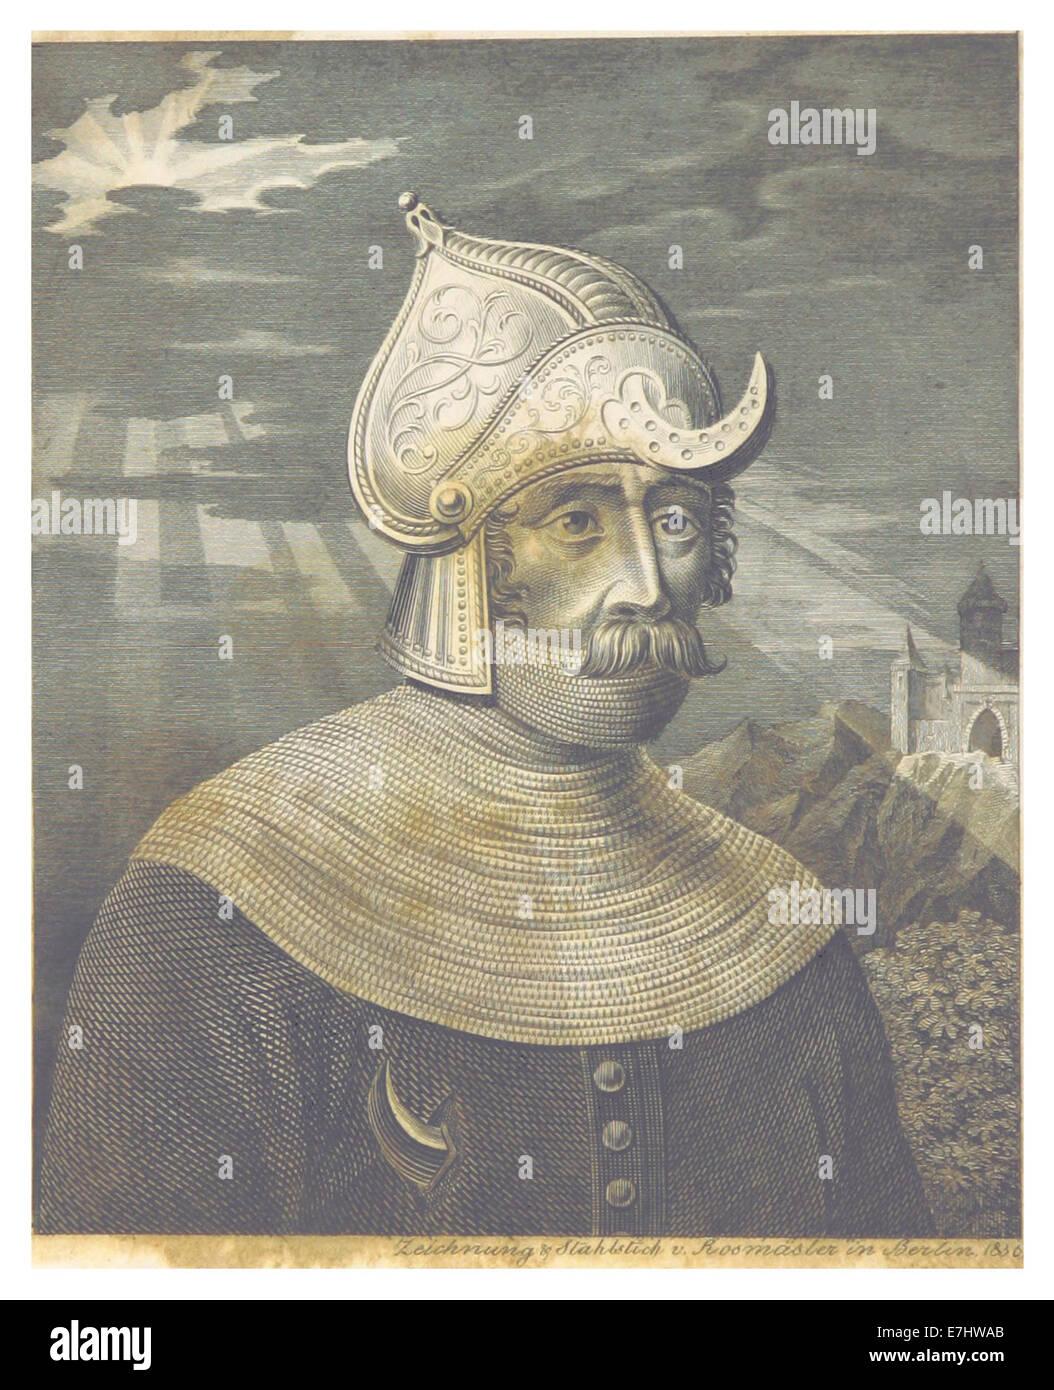 FISCHER(1836) p006 TASSILO - Stammvater der Hohenzollern - Stock Image